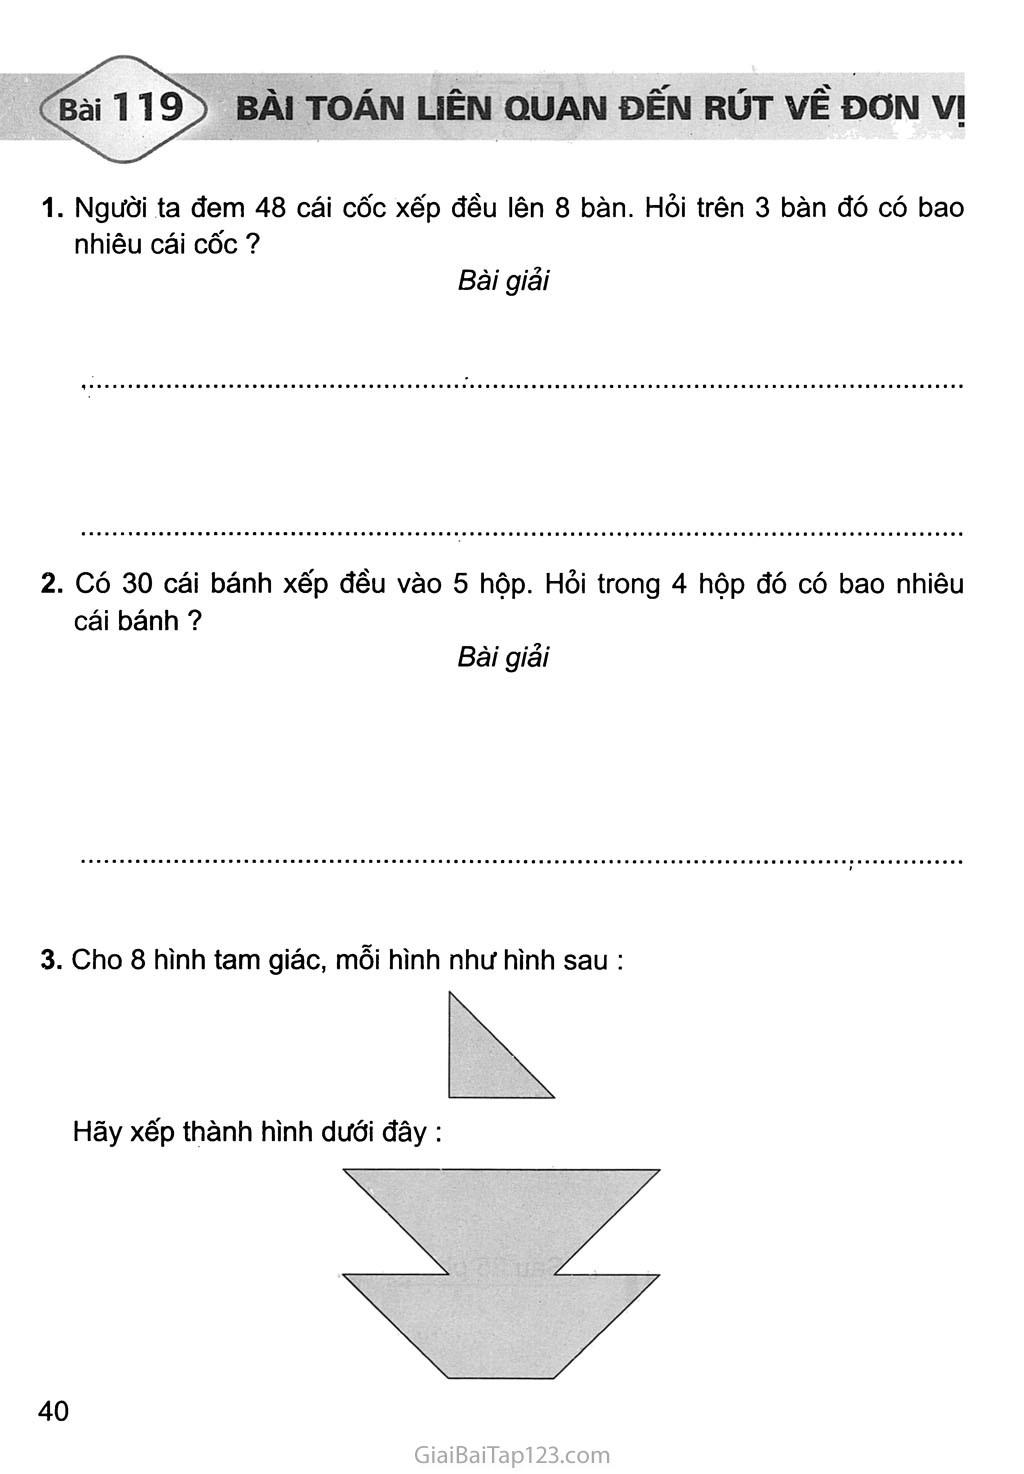 Bài 119: Bài toán liên quan đến rút về đơn vị trang 1